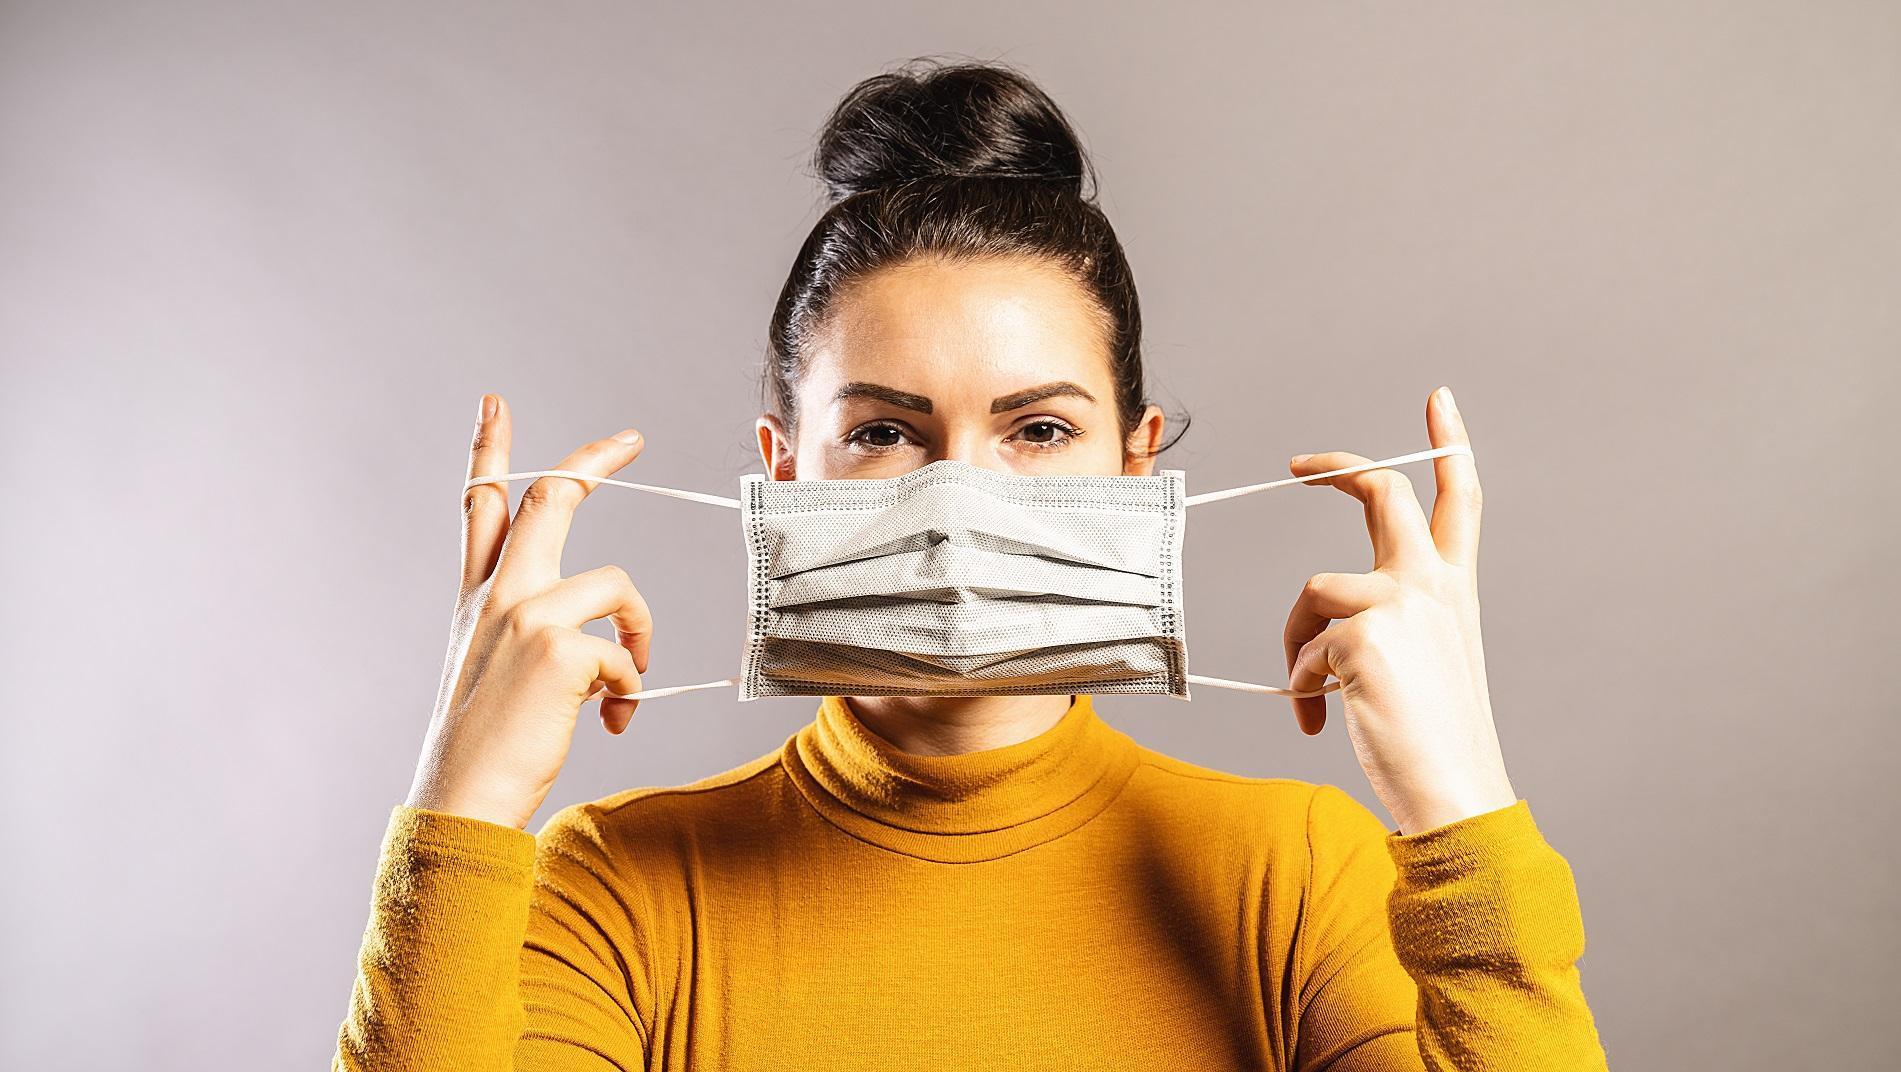 Uso correto da máscara (Foto: Reprodução)